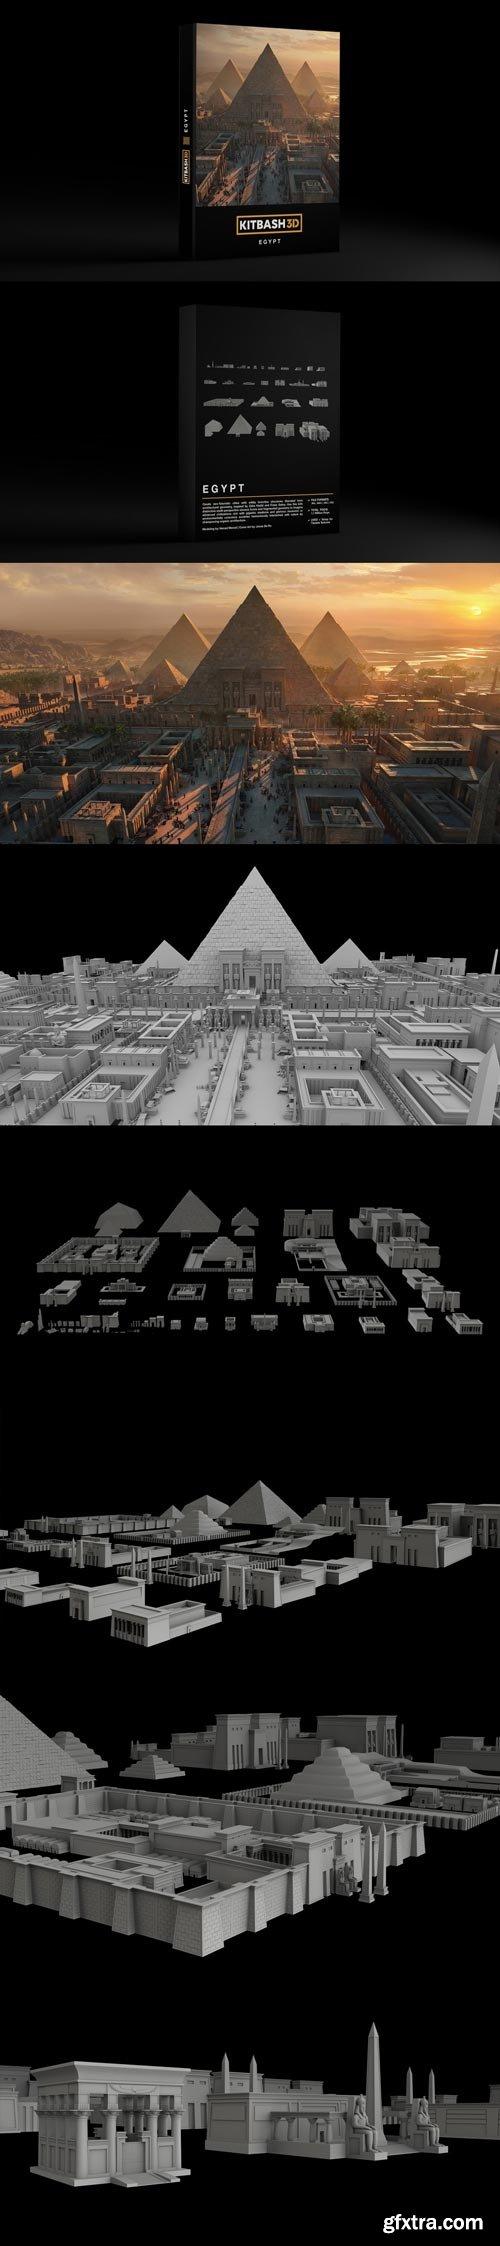 Kitbash3D - EGYPT